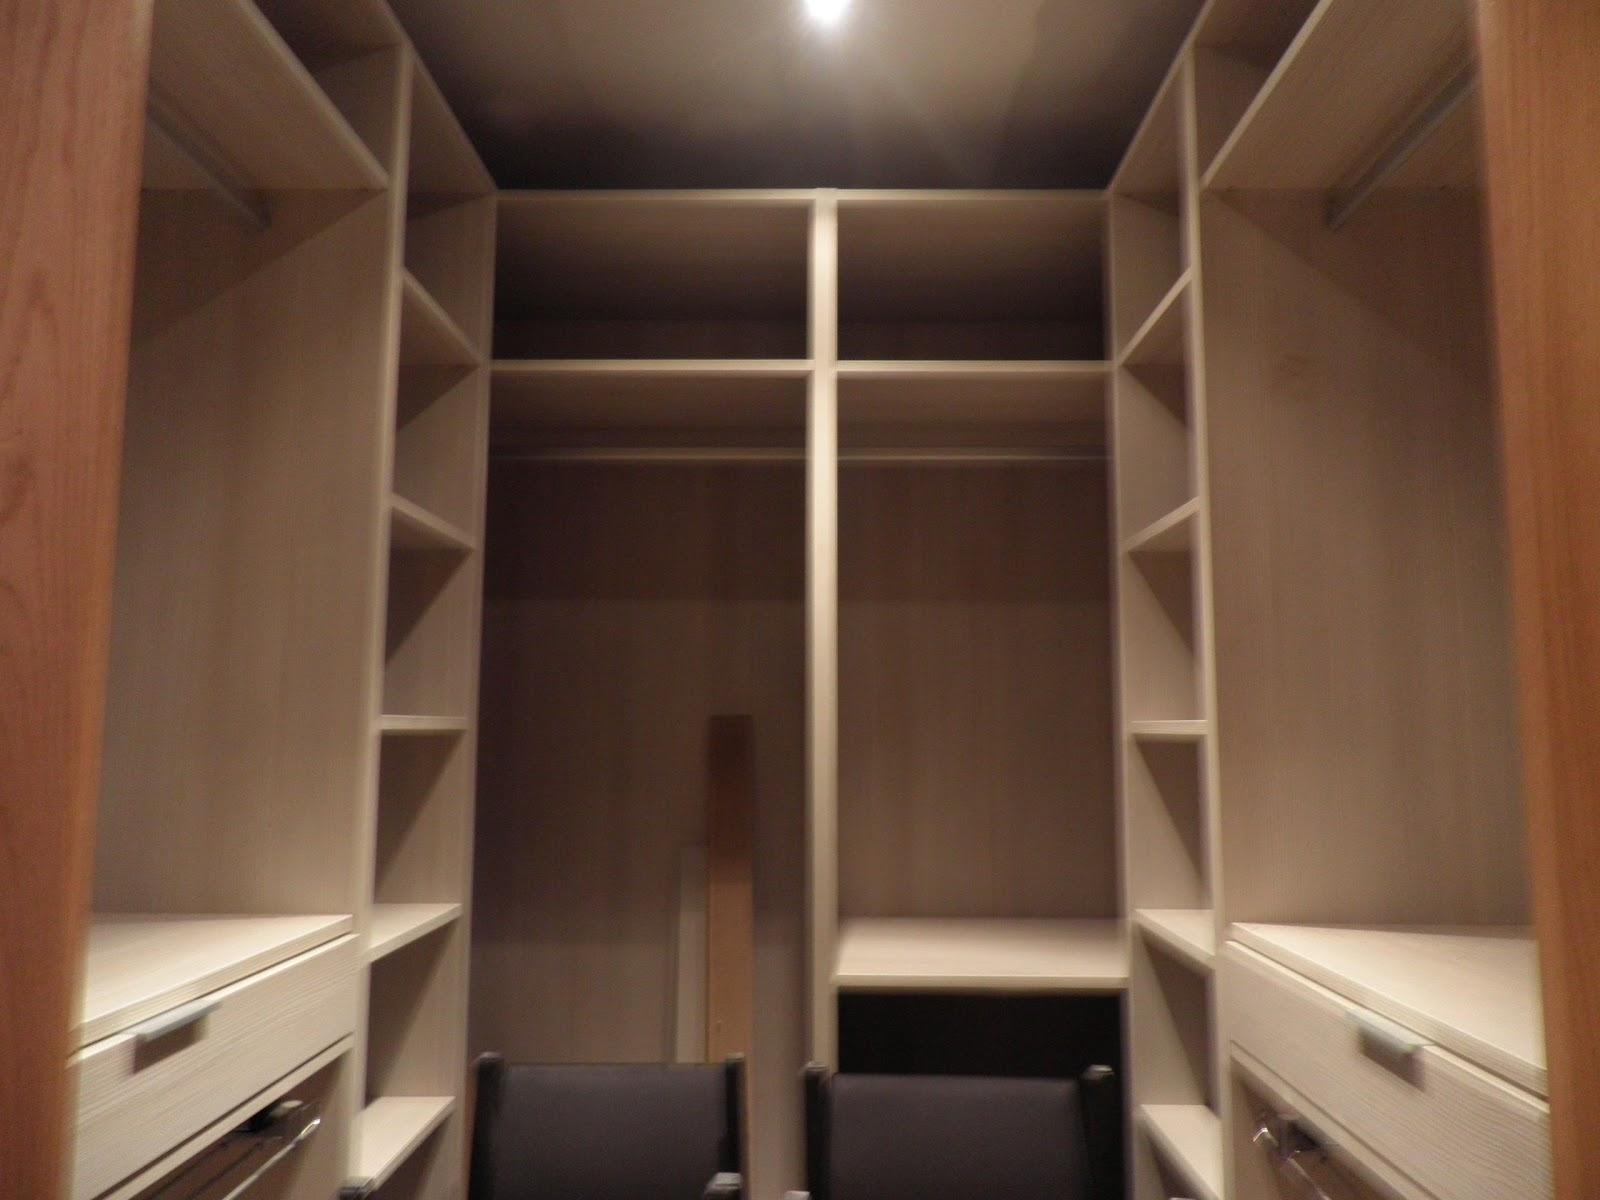 Cambiar Baño Por Vestidor:Interiorismo y Decoracion Lola Torga: Remodelando el espacio y